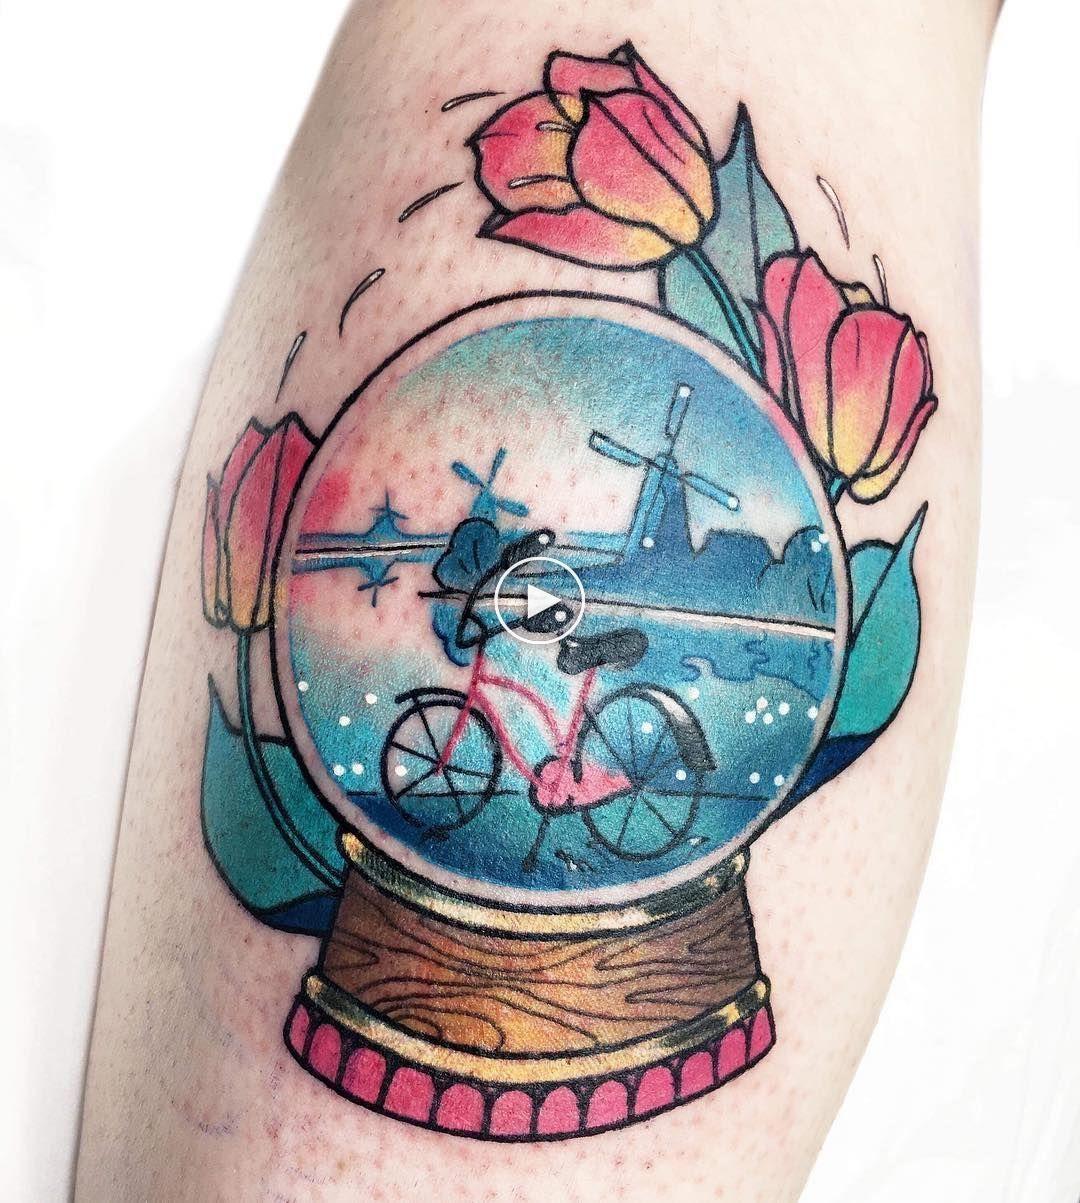 49 kleine betekenisvolle tatoeages Ideeën voor mannen en